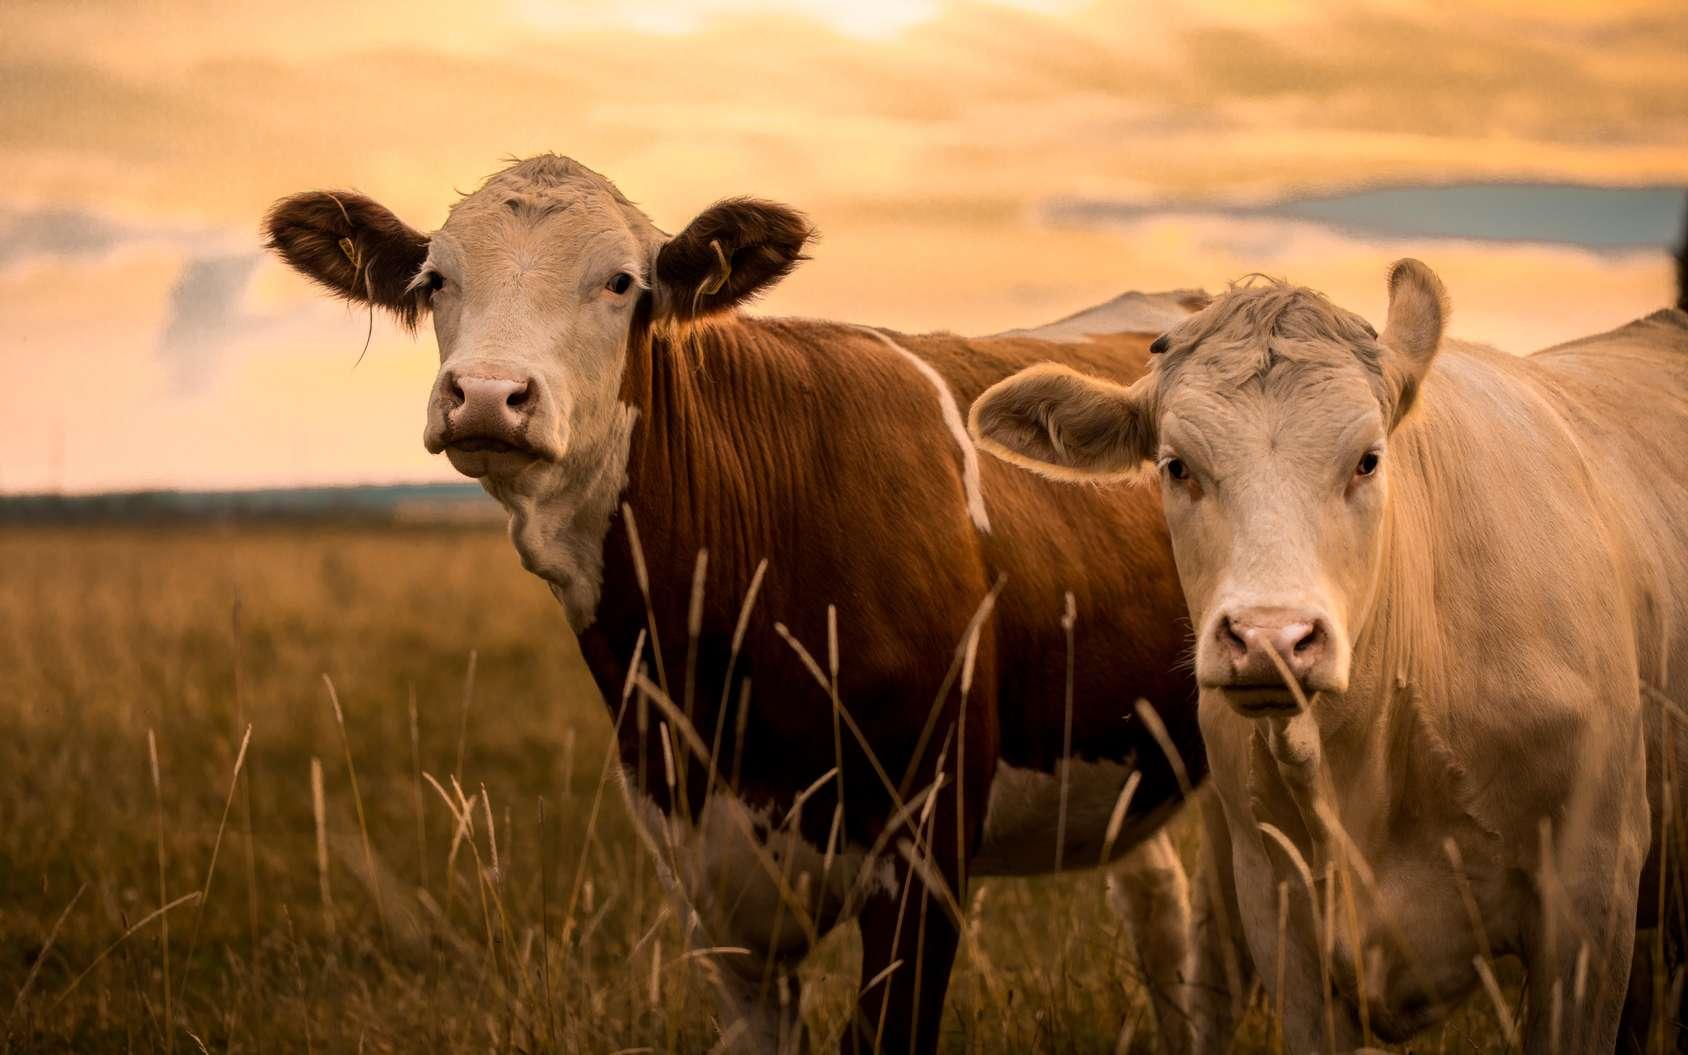 Deux vaches au crépuscule. © Jonathan Rundblad, Fotolia